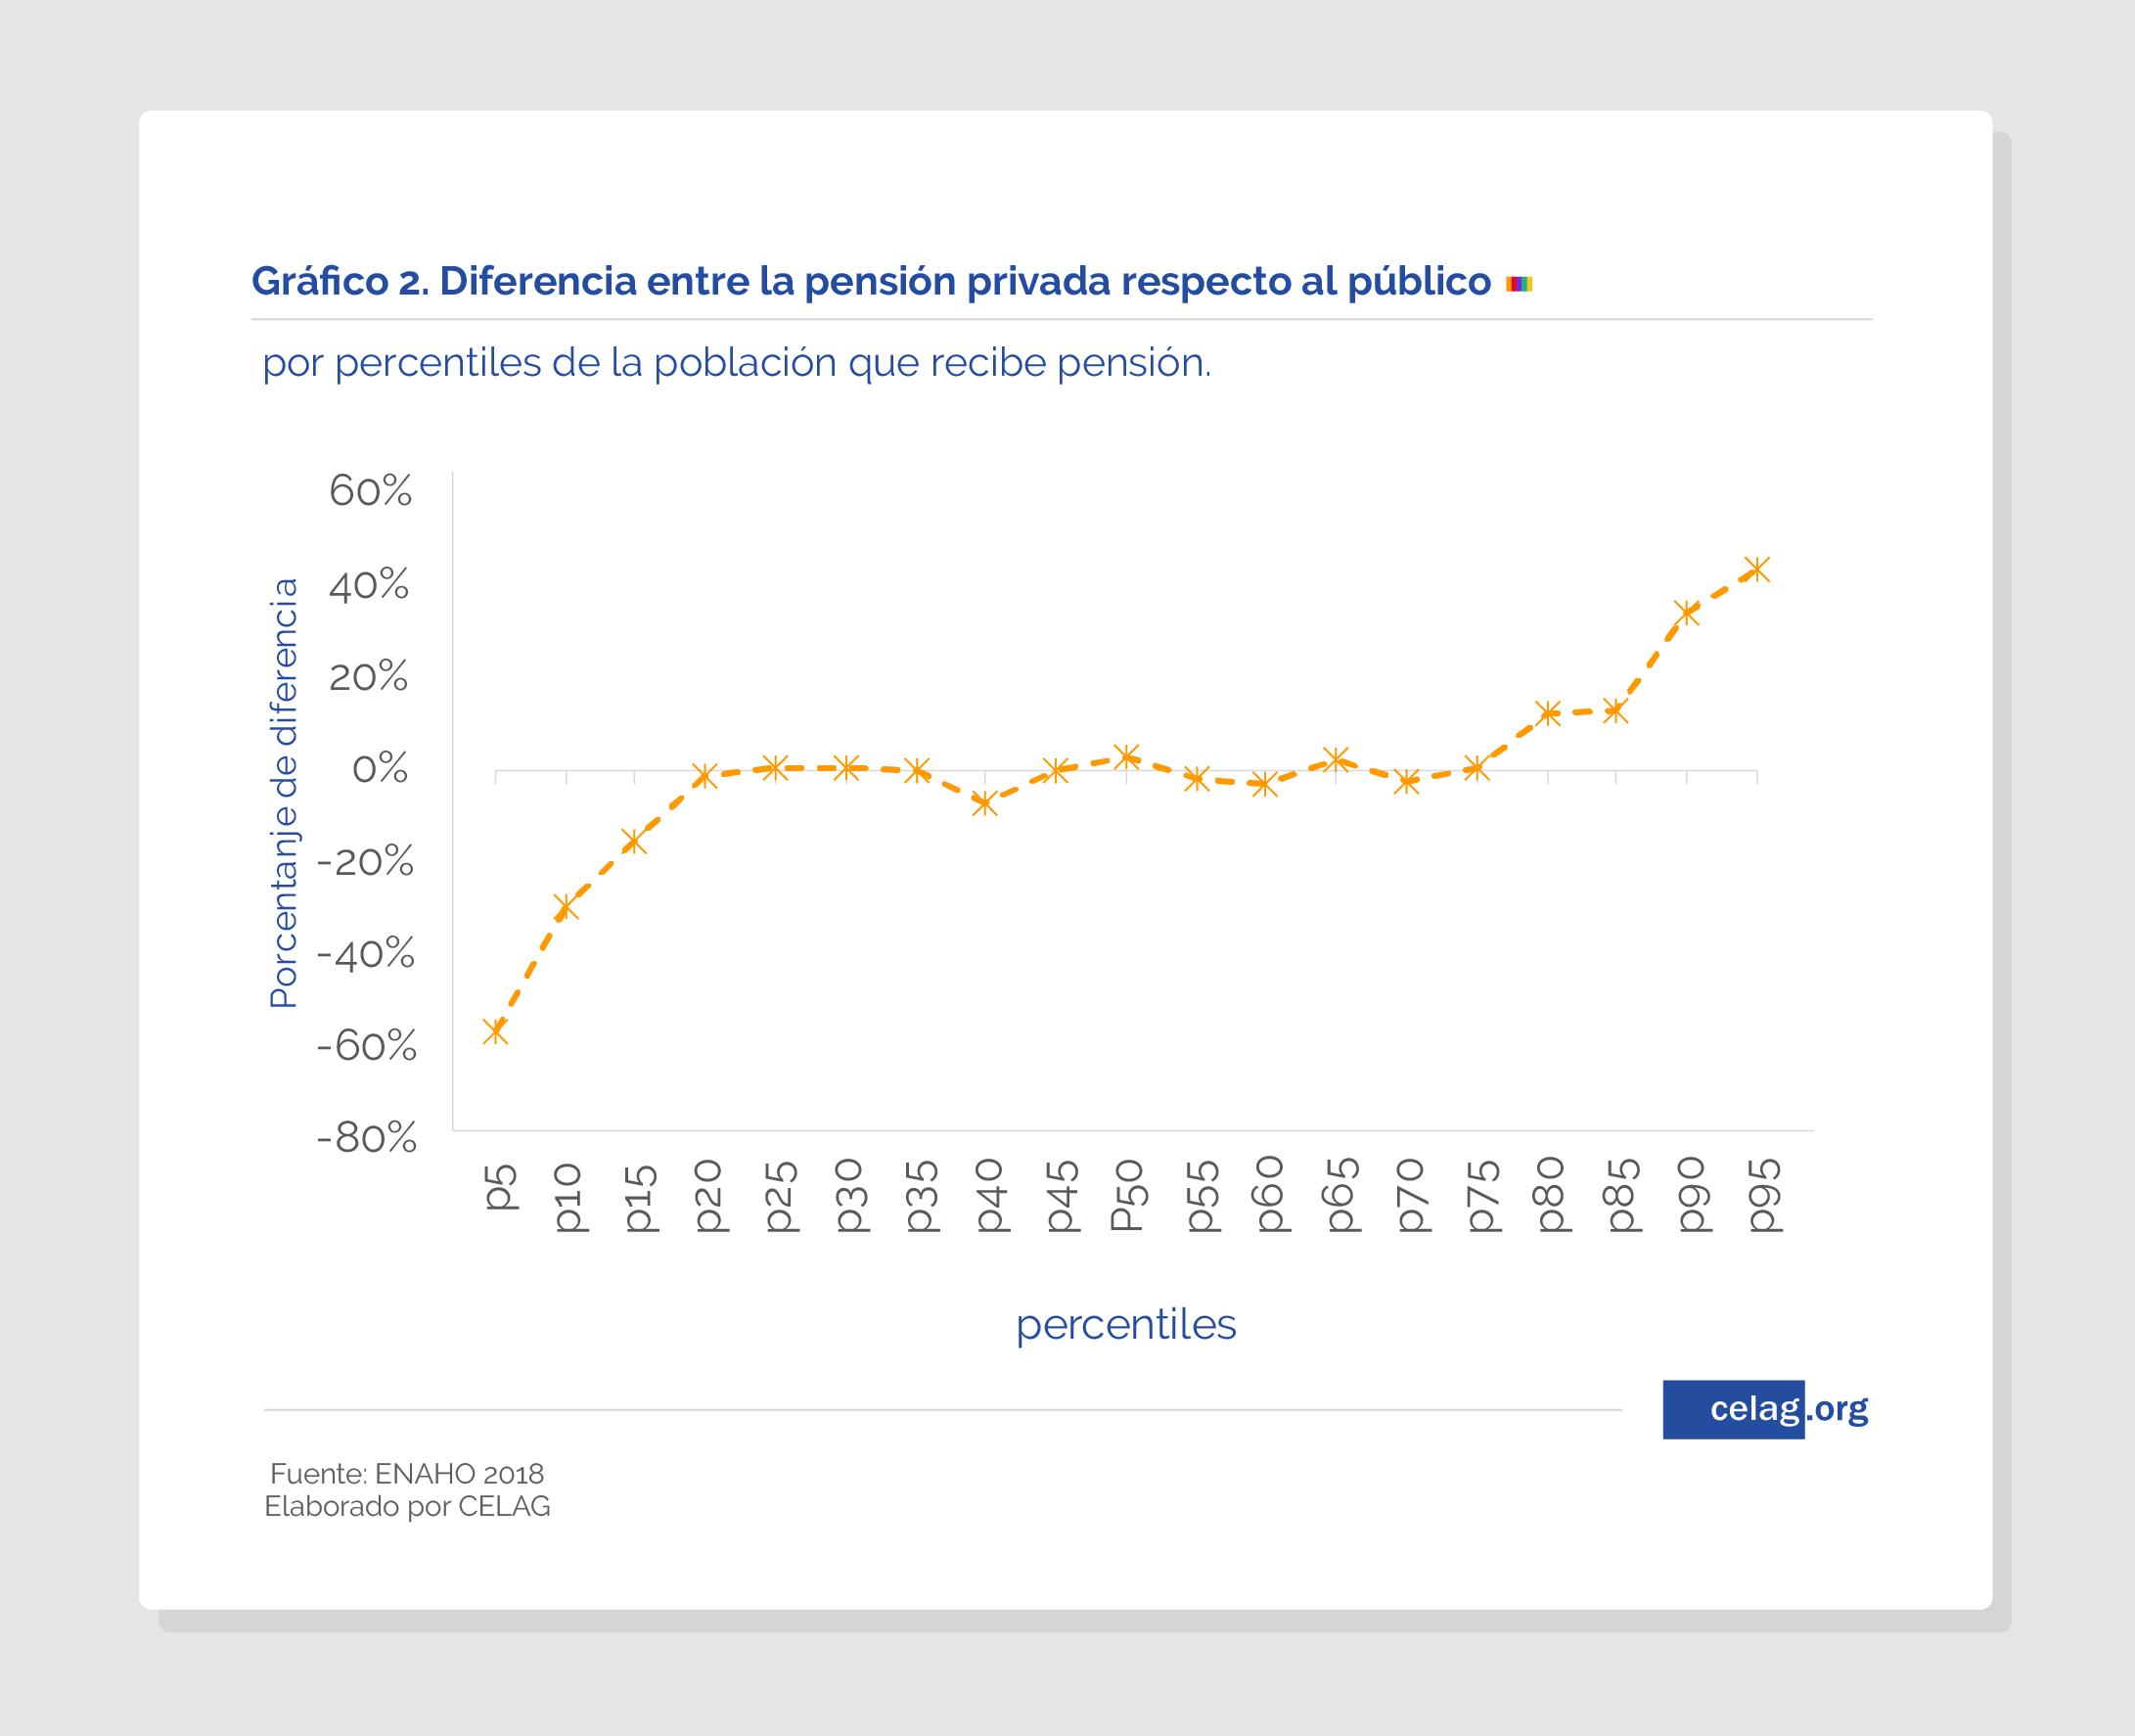 Participación en el sistema de pensiones, Perú